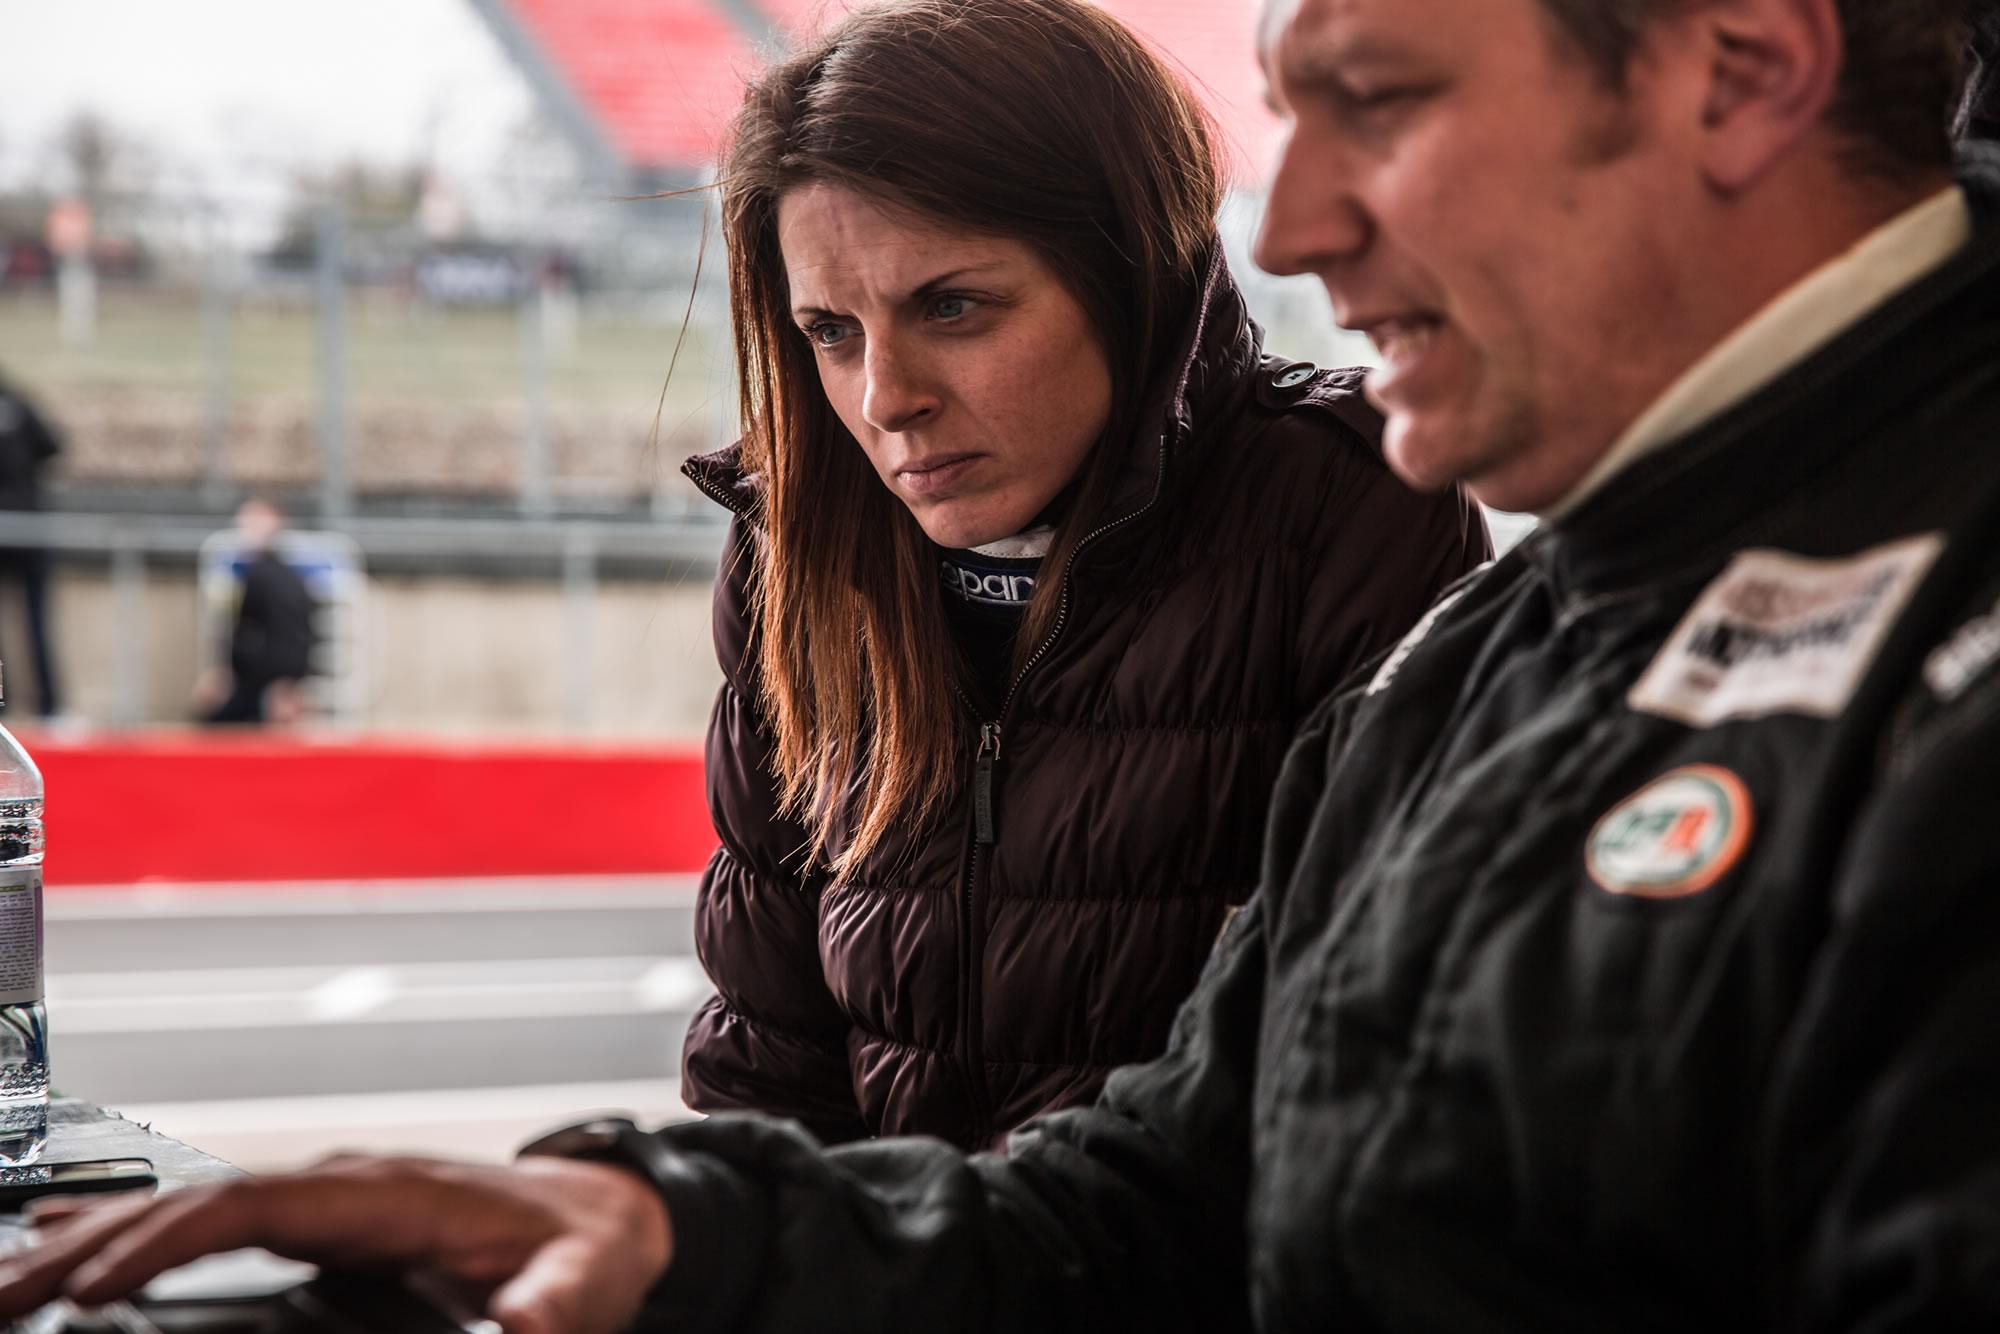 Nathalie_McGloin_Racer_FH2A3677.jpg